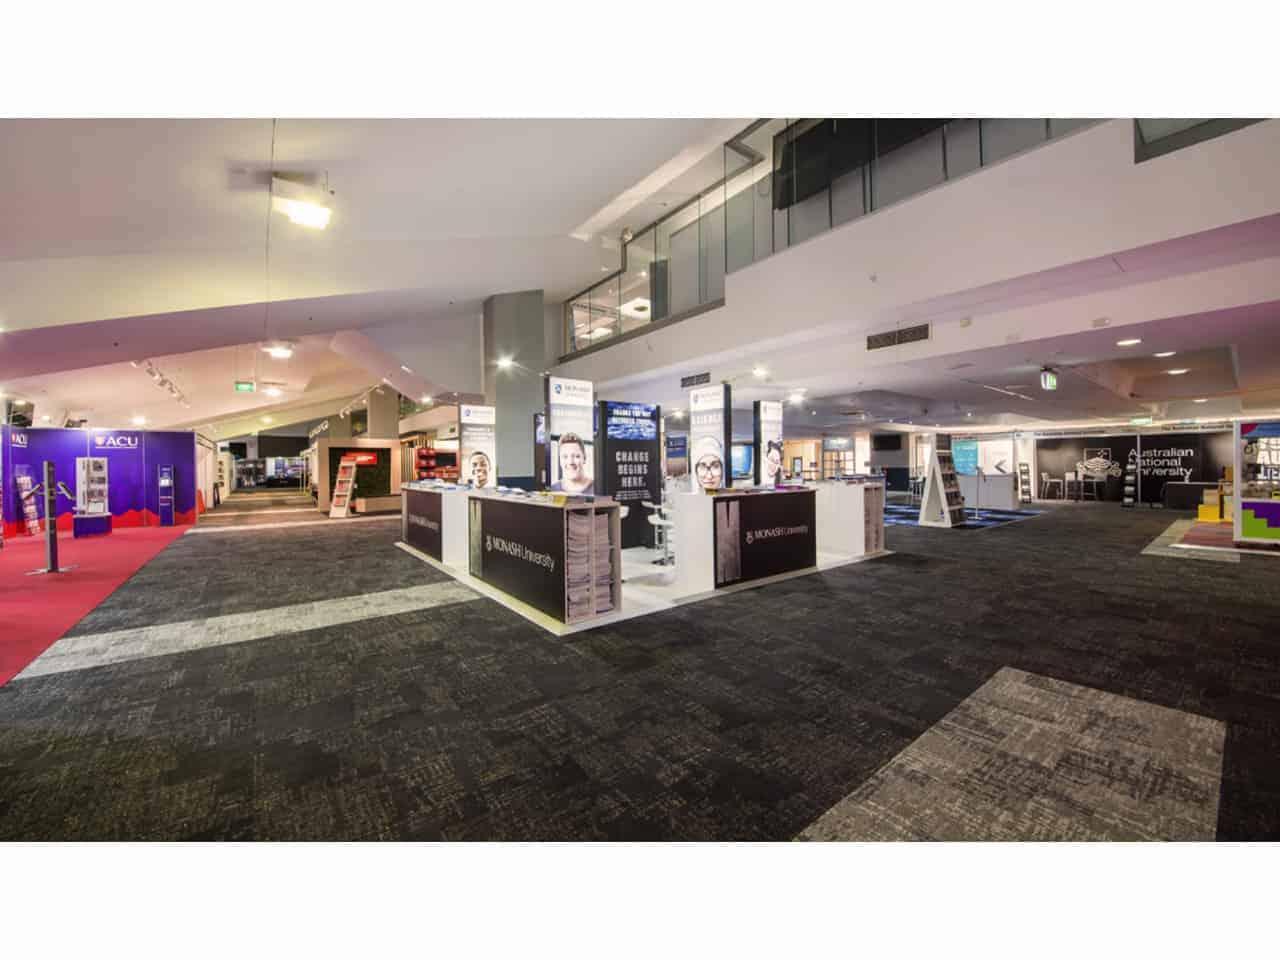 Open plan ground floor space